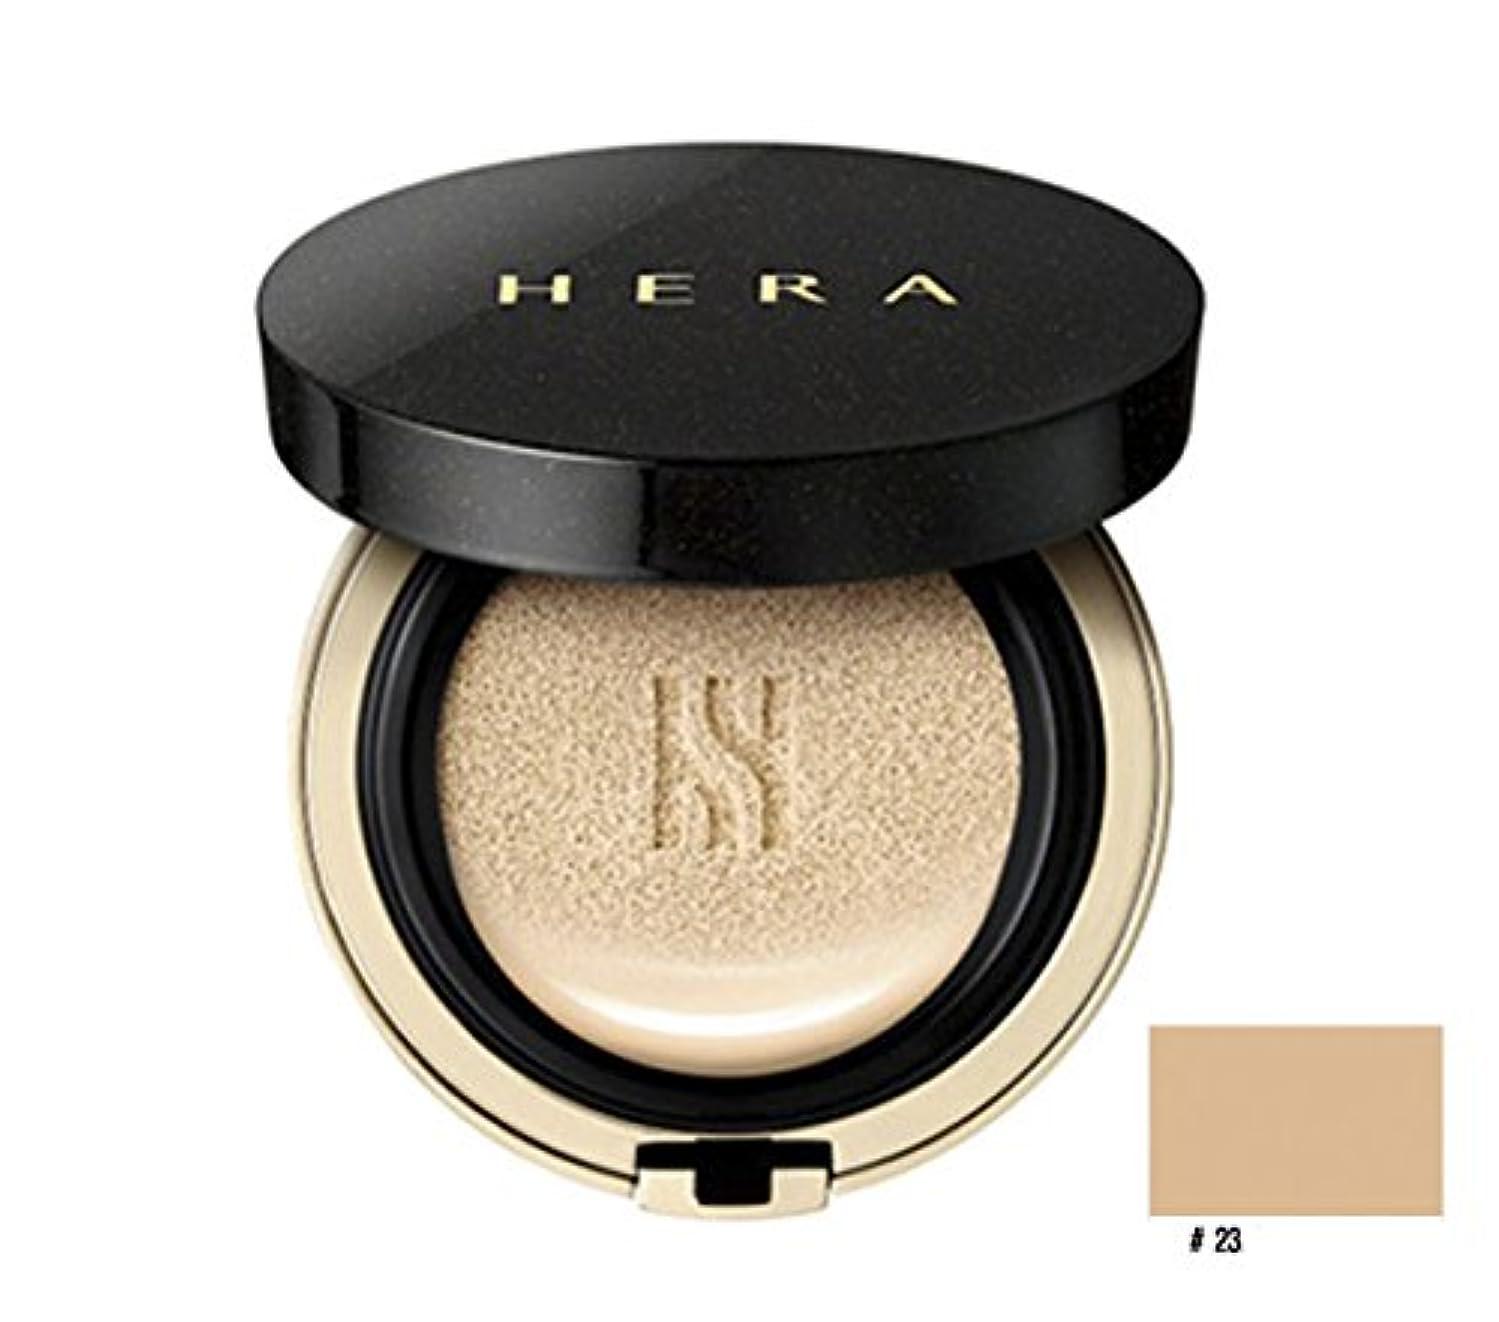 手配する束腹Hera ブラッククッション SPF34/PA++ 本品15g+リフィール15g/Black Cushion SPF34/PA++ 15g+Refil15g (No.23 beige) (韓国直発送) + Ochloo logo tag